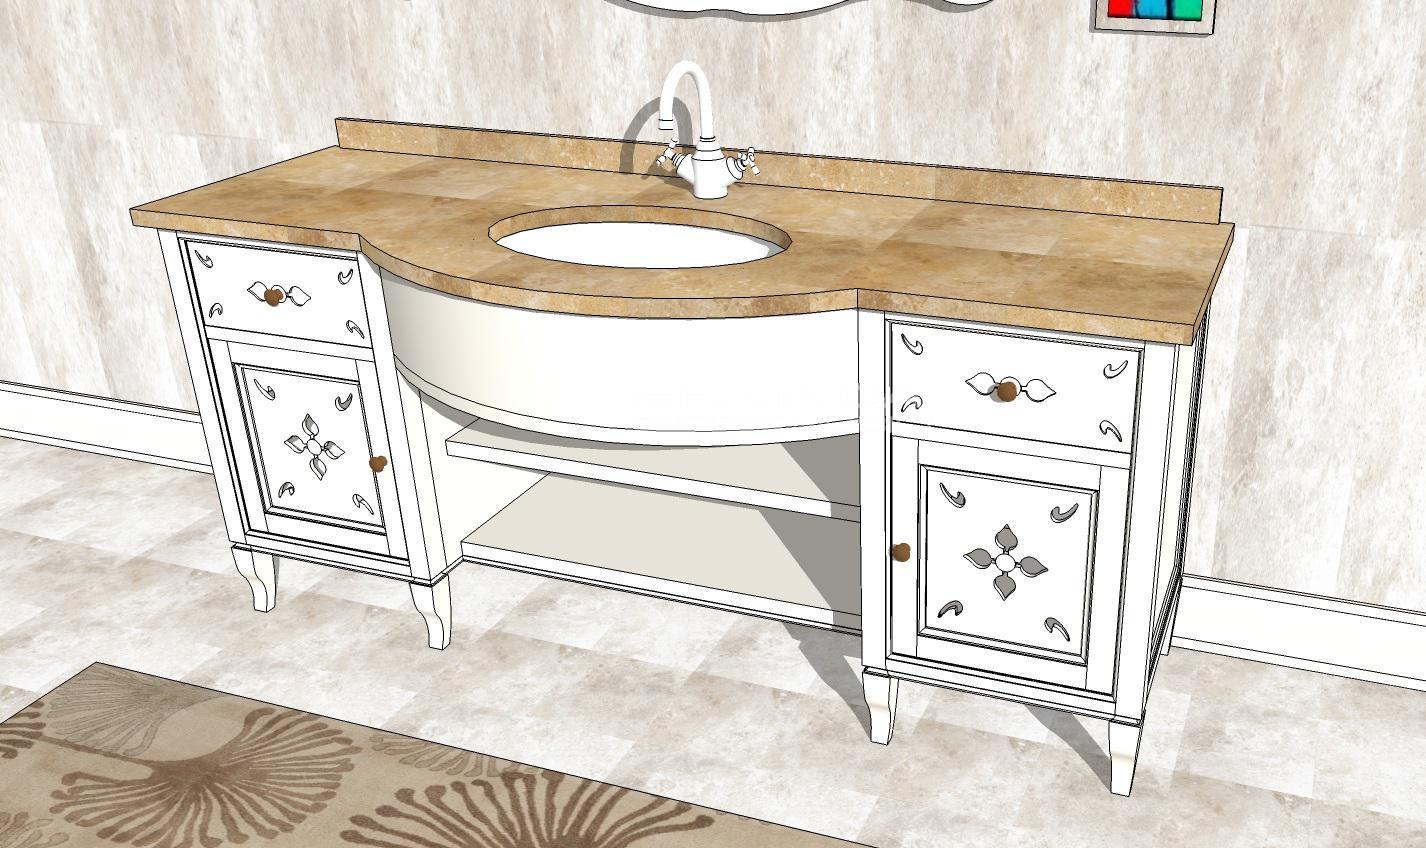 Bagno 6 er ma da mobilificio progetta e costruisce for Progetta i tuoi mobili